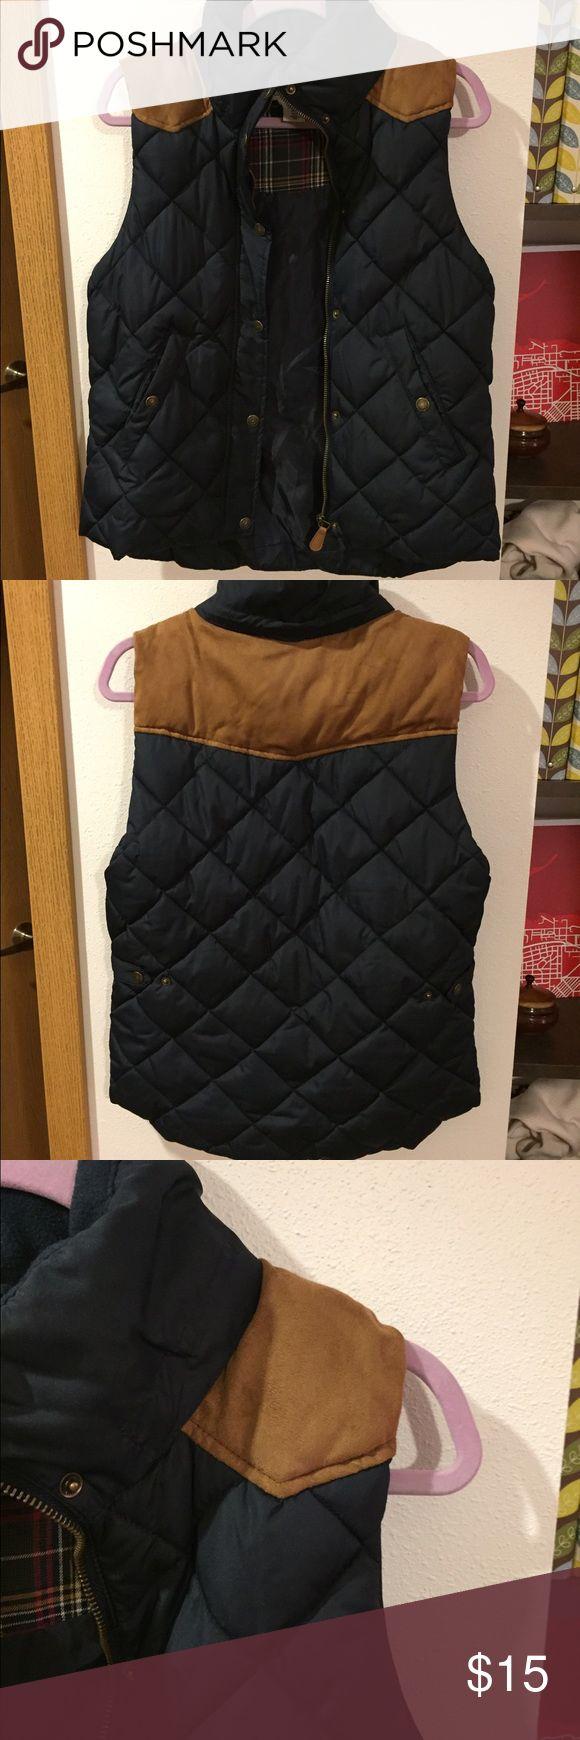 H&M vest Navy blue vest with leather patch detail H&M Jackets & Coats Vests